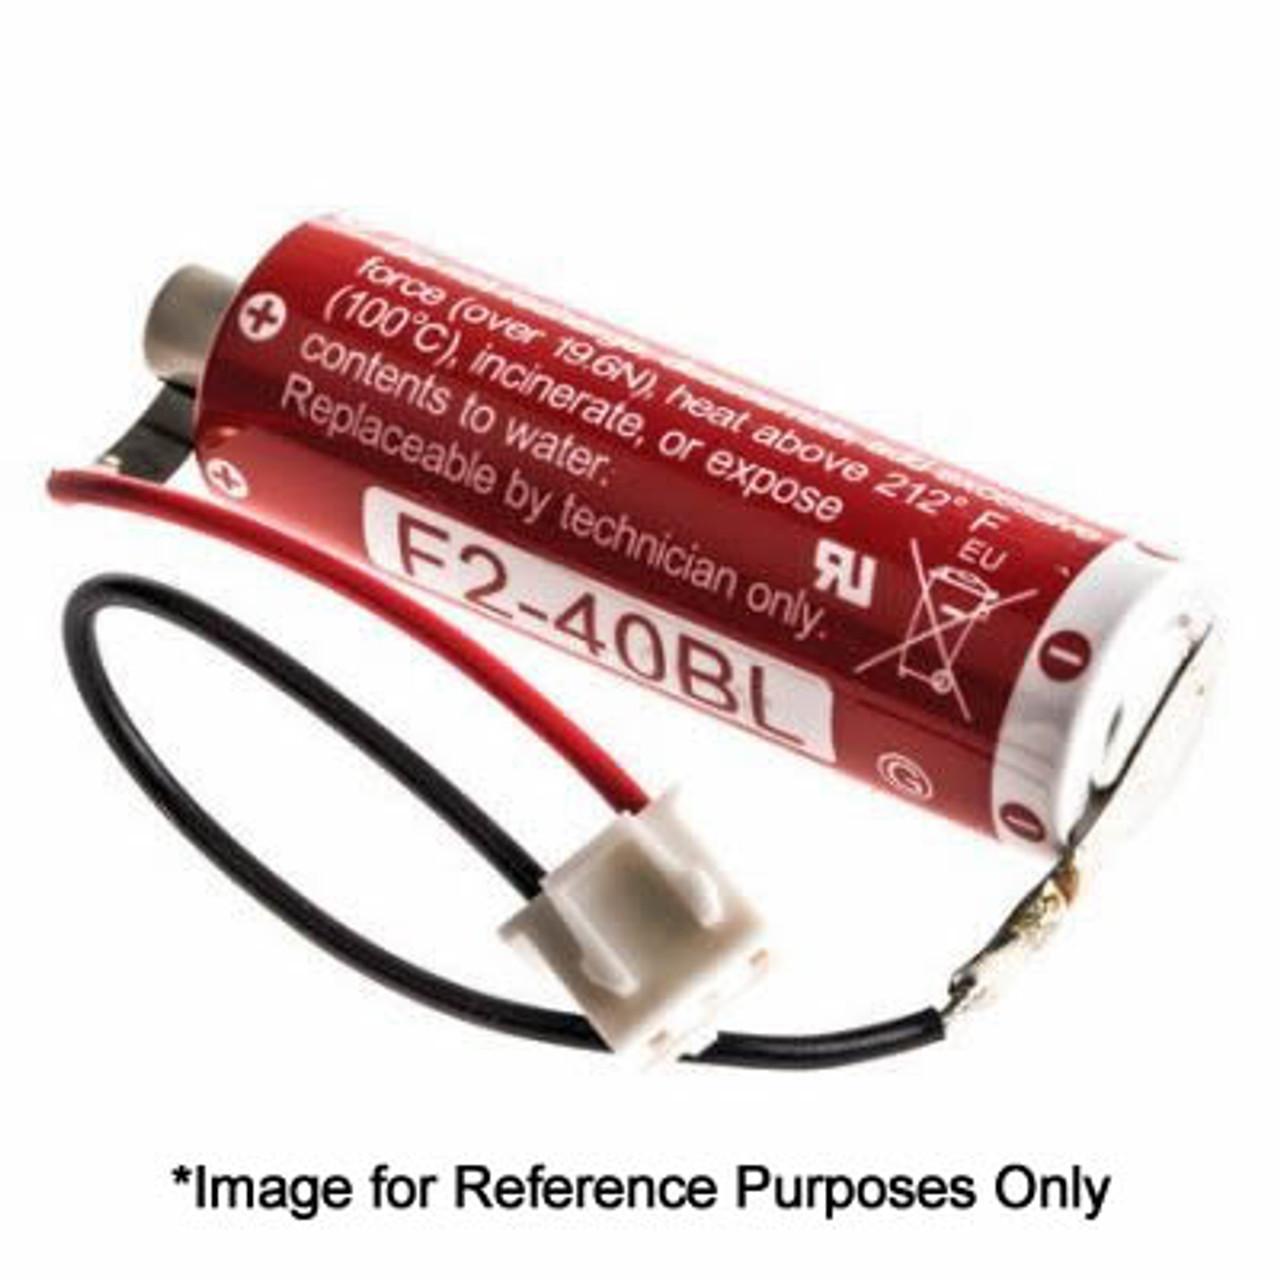 ER6C Maxell 3.6V Battery